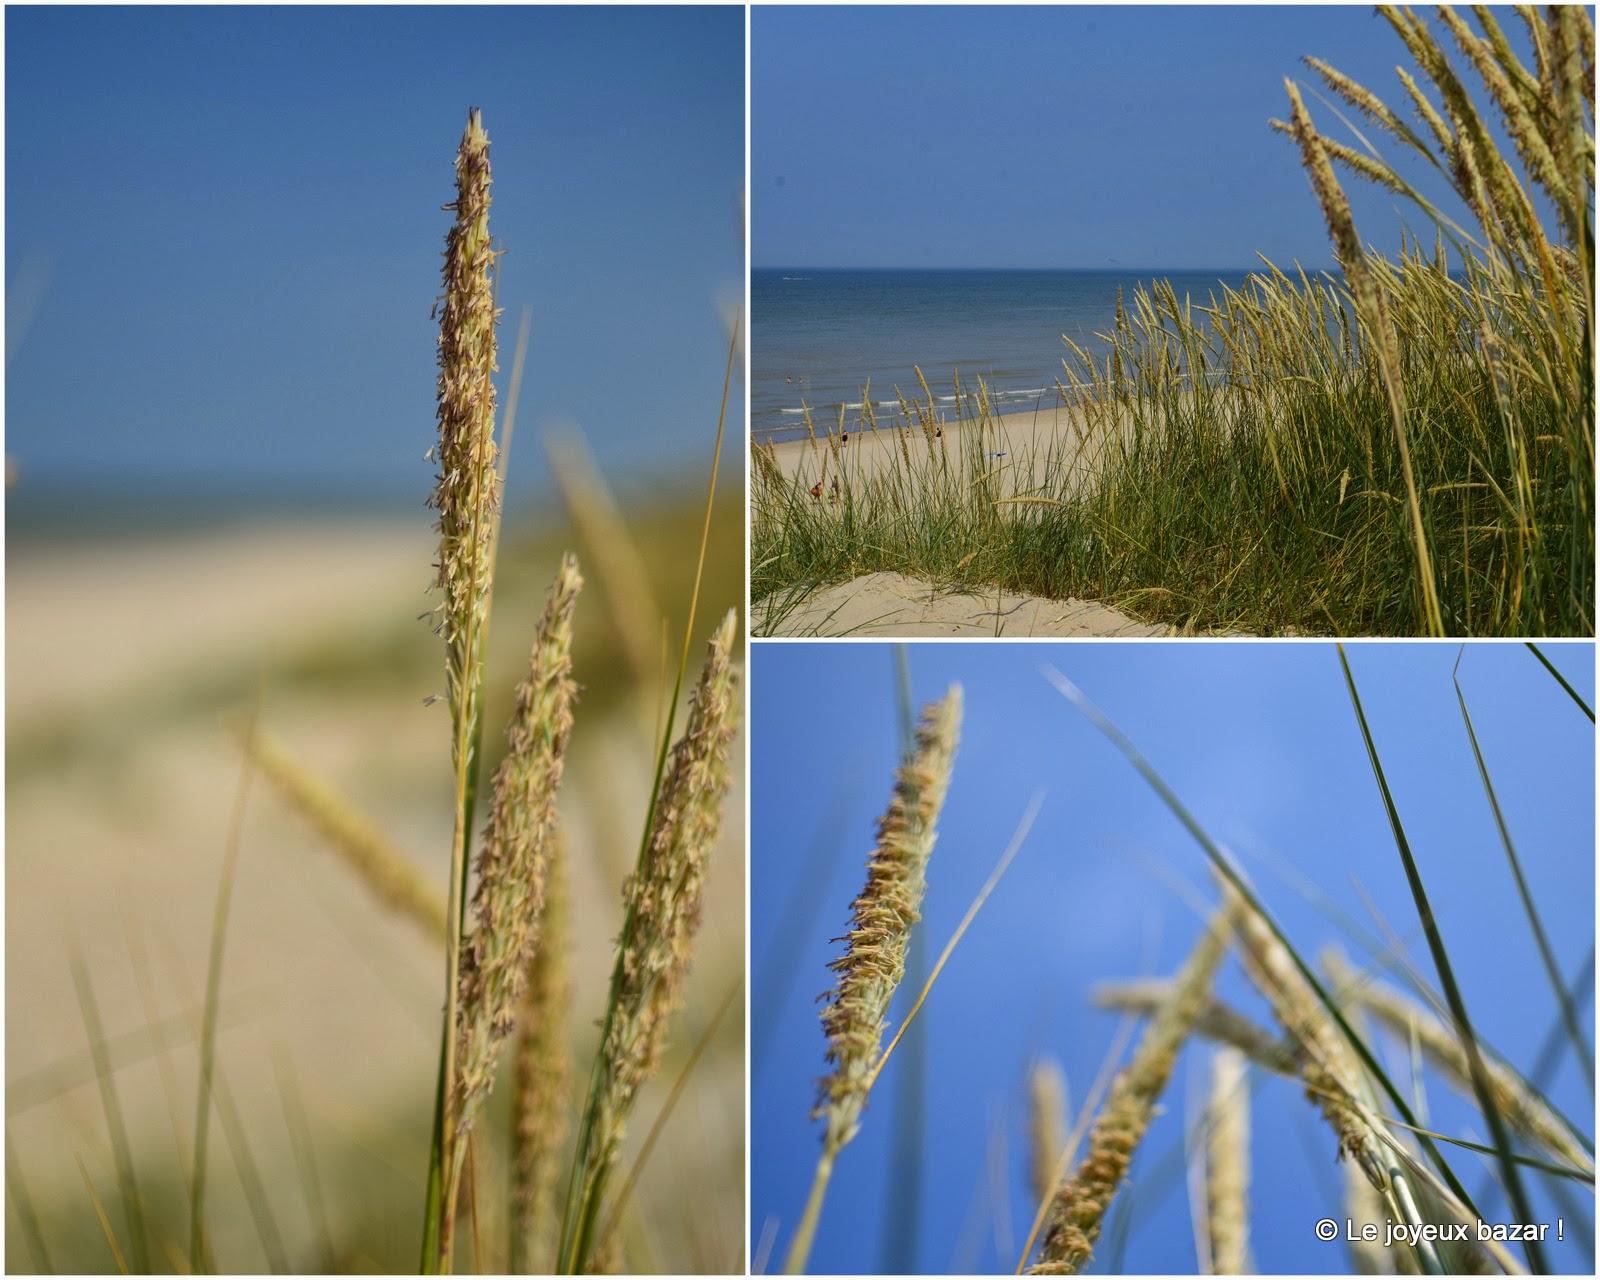 http://joyeuxbazar.blogspot.fr/2013/07/les-dunes.html